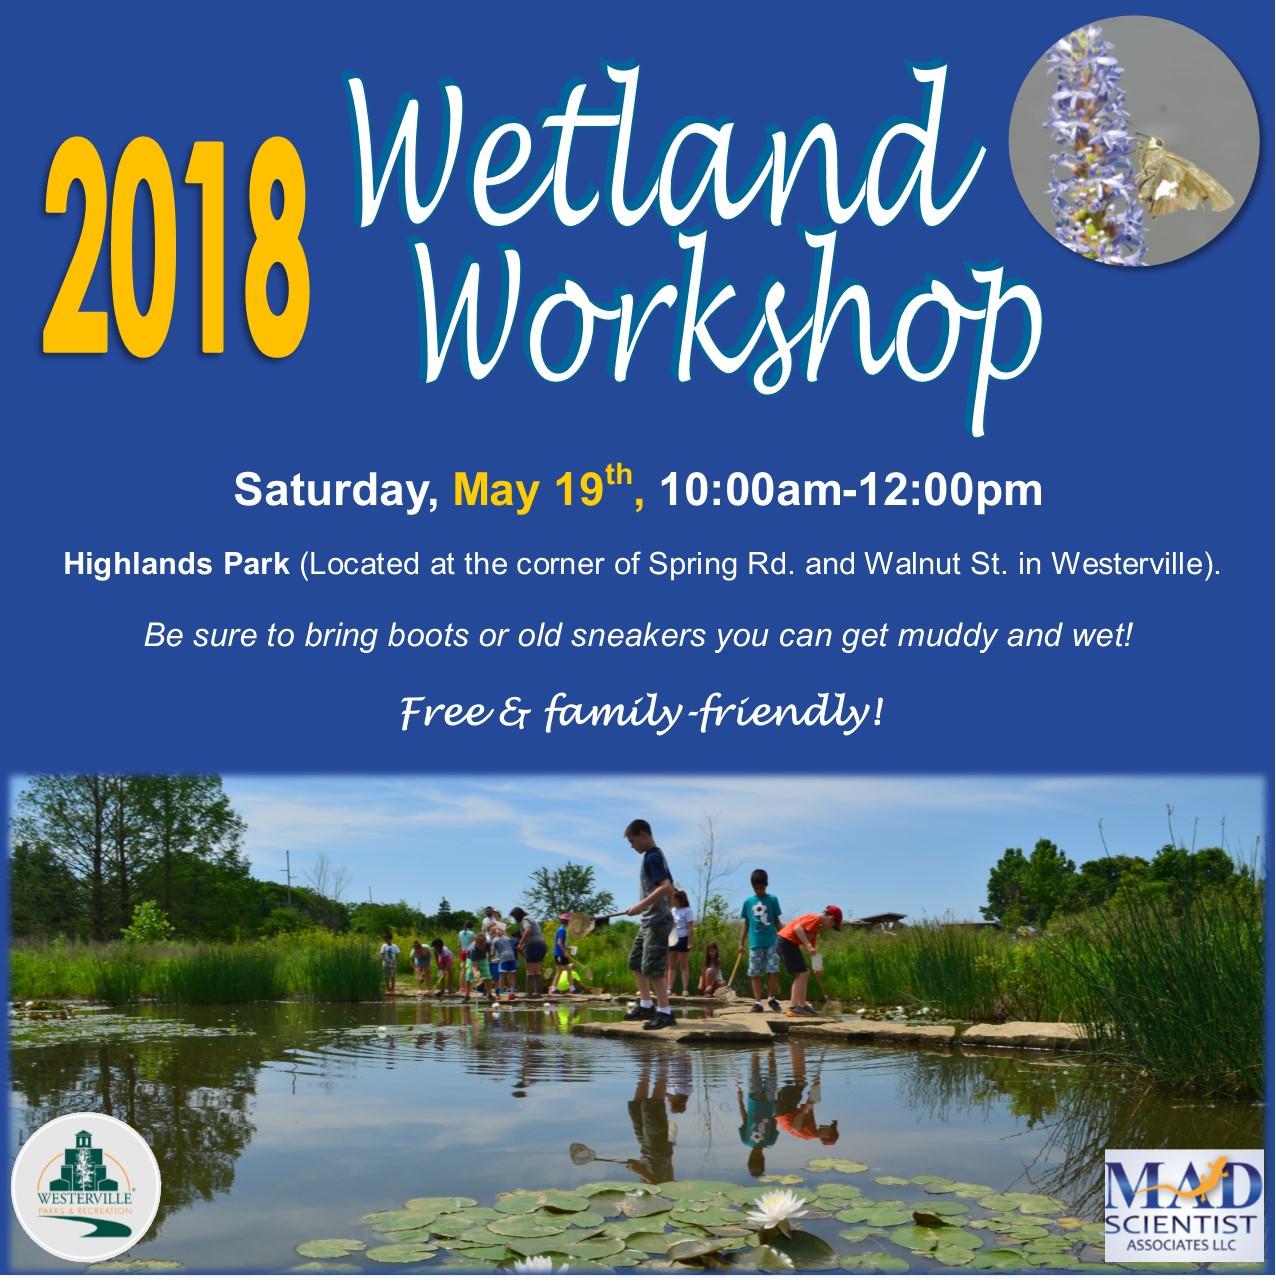 Wetland Workshop Ad.jpg